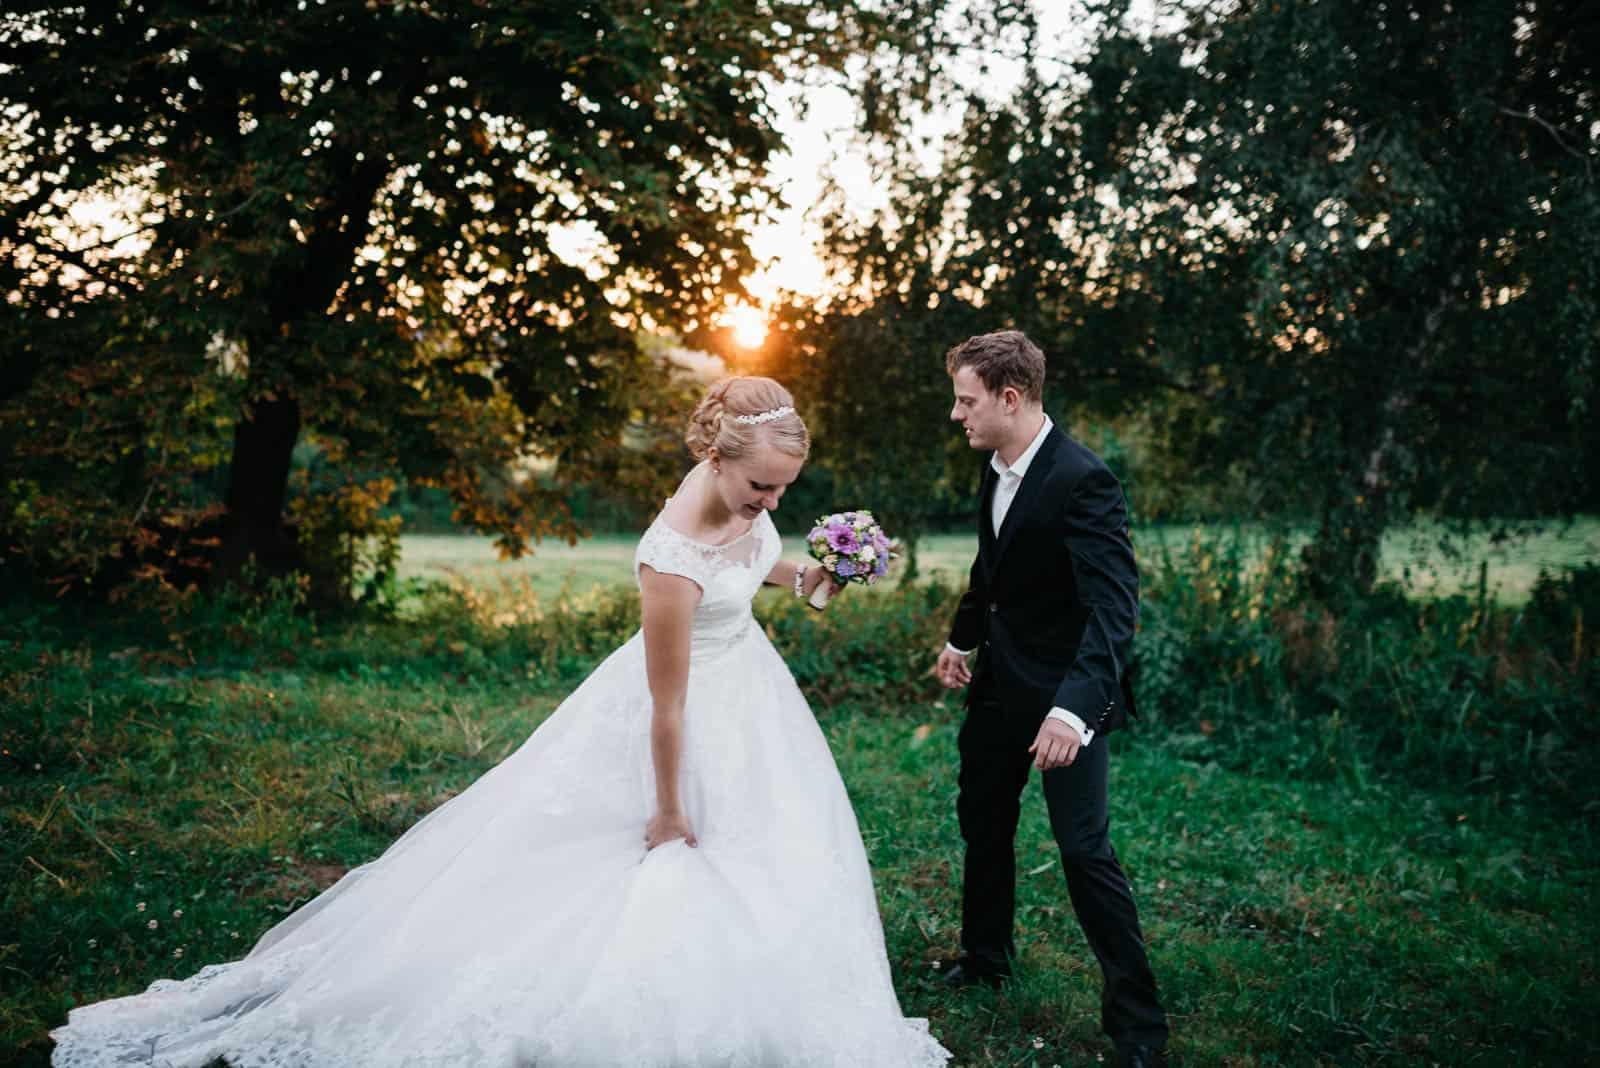 Wedding_Photography_106